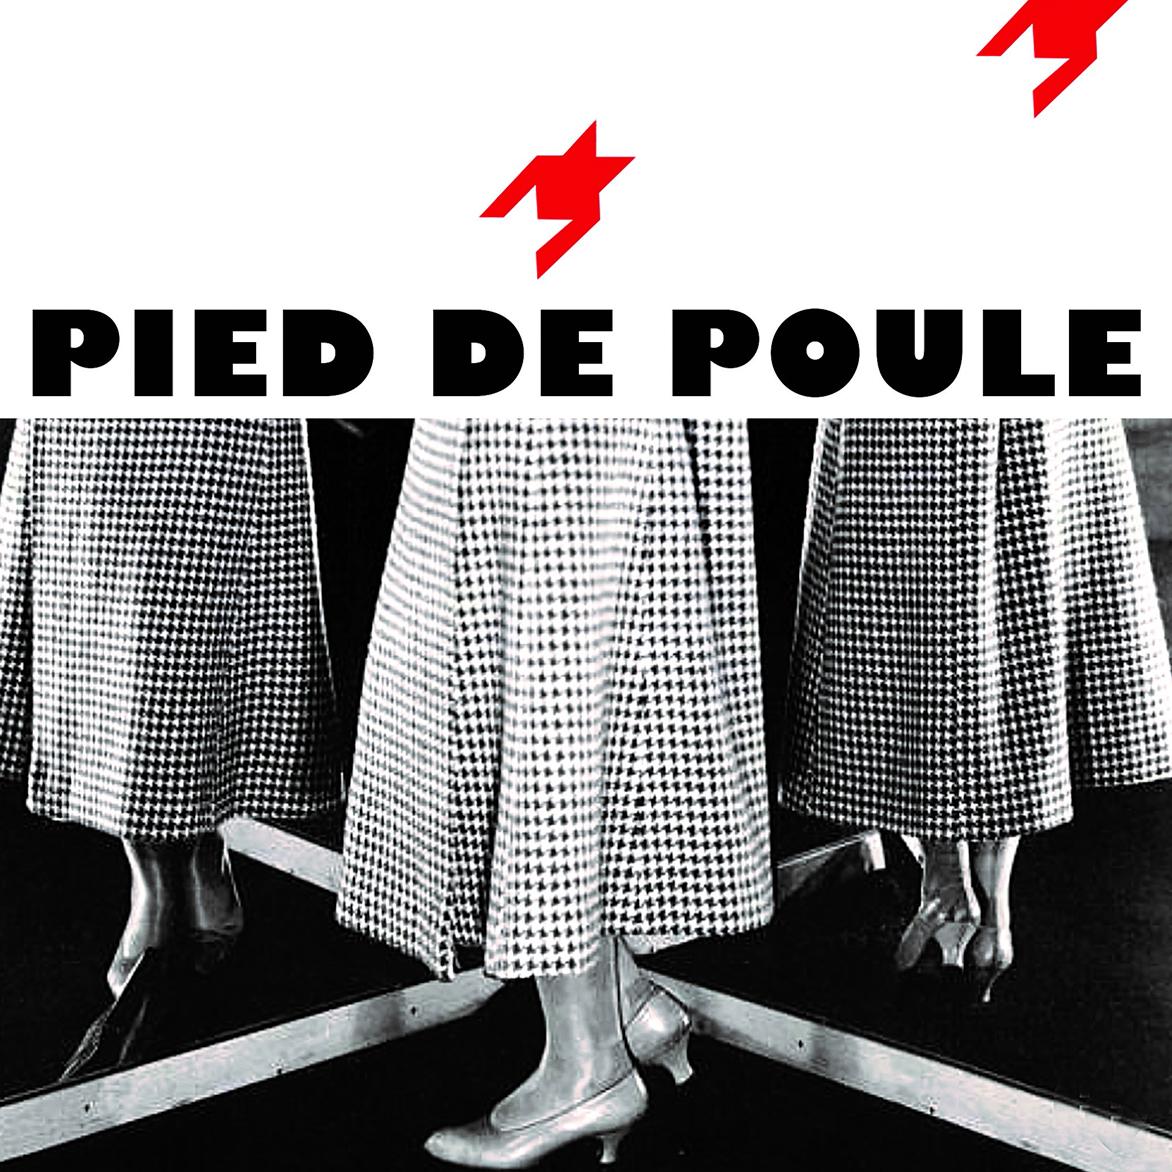 Pied de Poule - Studio ORKA - Utrecht Tweetakt